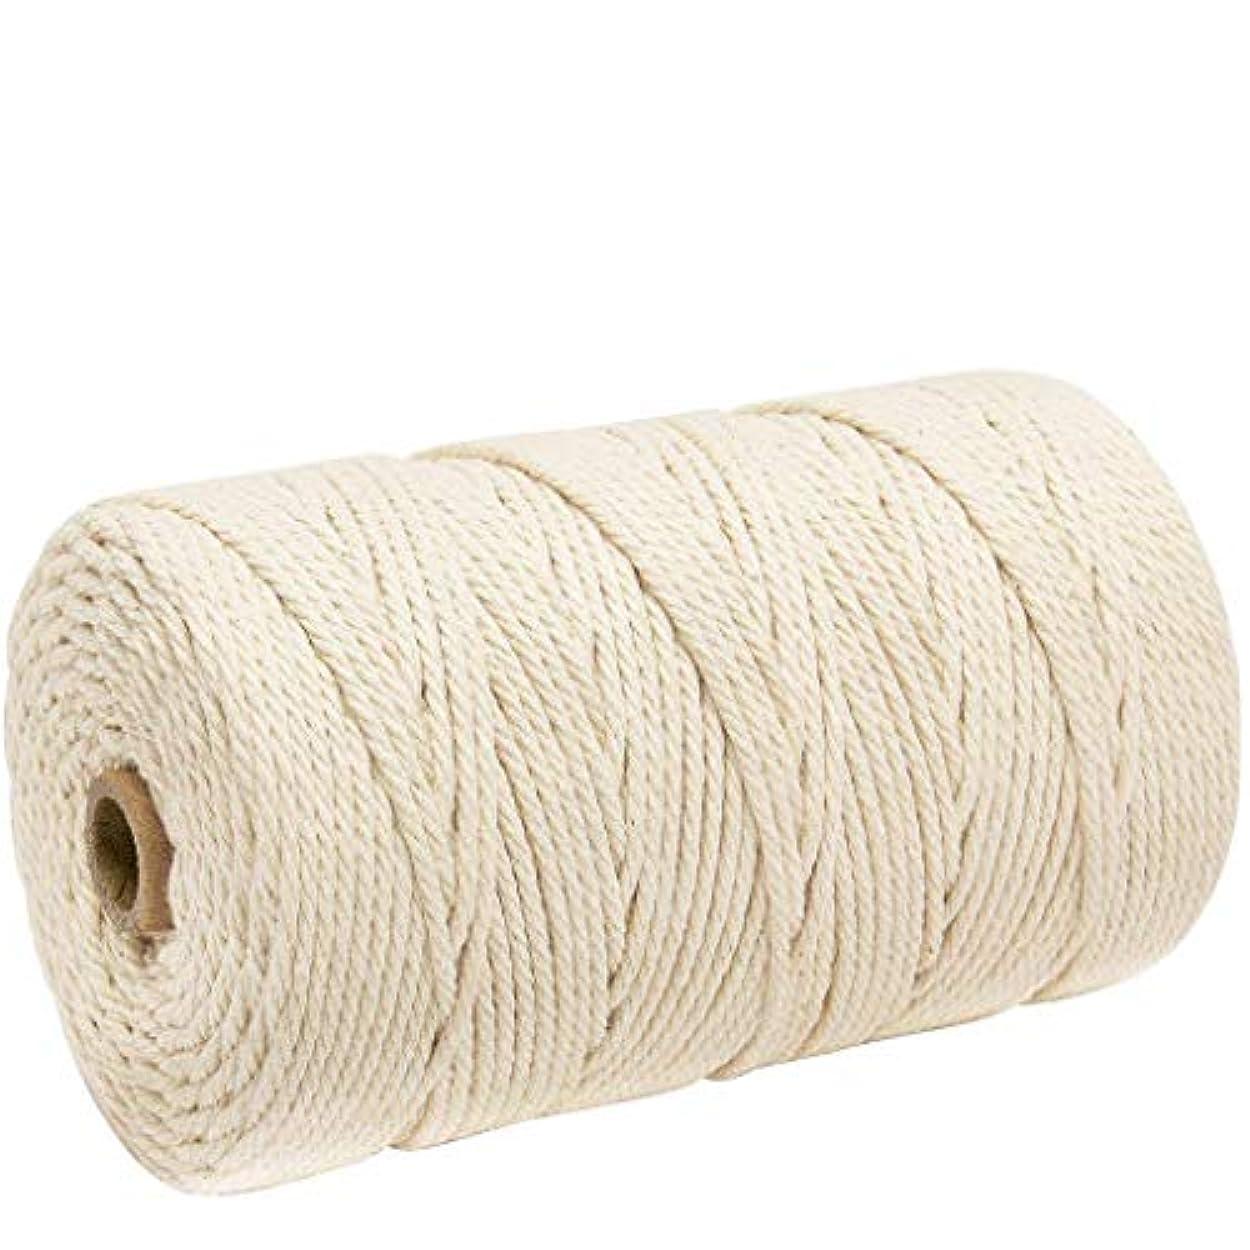 取り消す属性眉をひそめるナチュラルコットン マクラメ ロープ 紐 糸 手作り編み糸 綿 DIY壁掛けハンガークラフト編みコードロープ 3㎜ 200m (ライスホワイト)